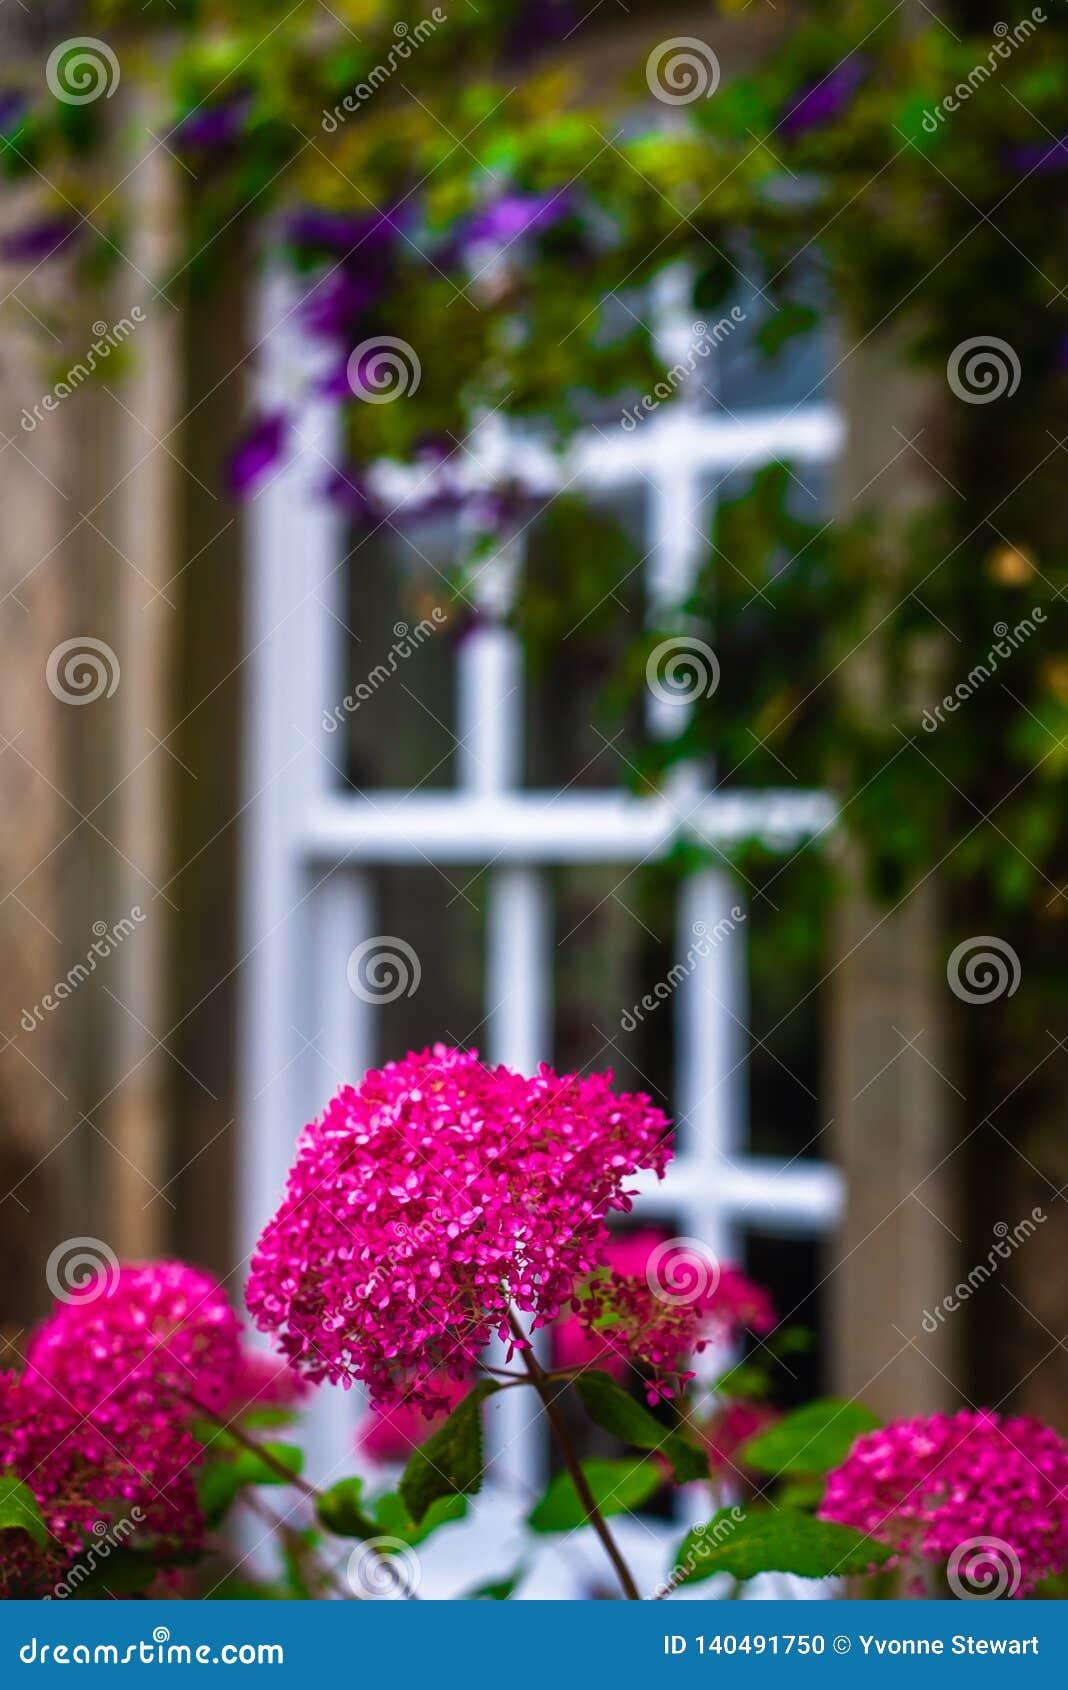 Een Mooie Britse Tuin van het Land met Magenta Bloemen voor een Traditioneel Ontworpen Venster